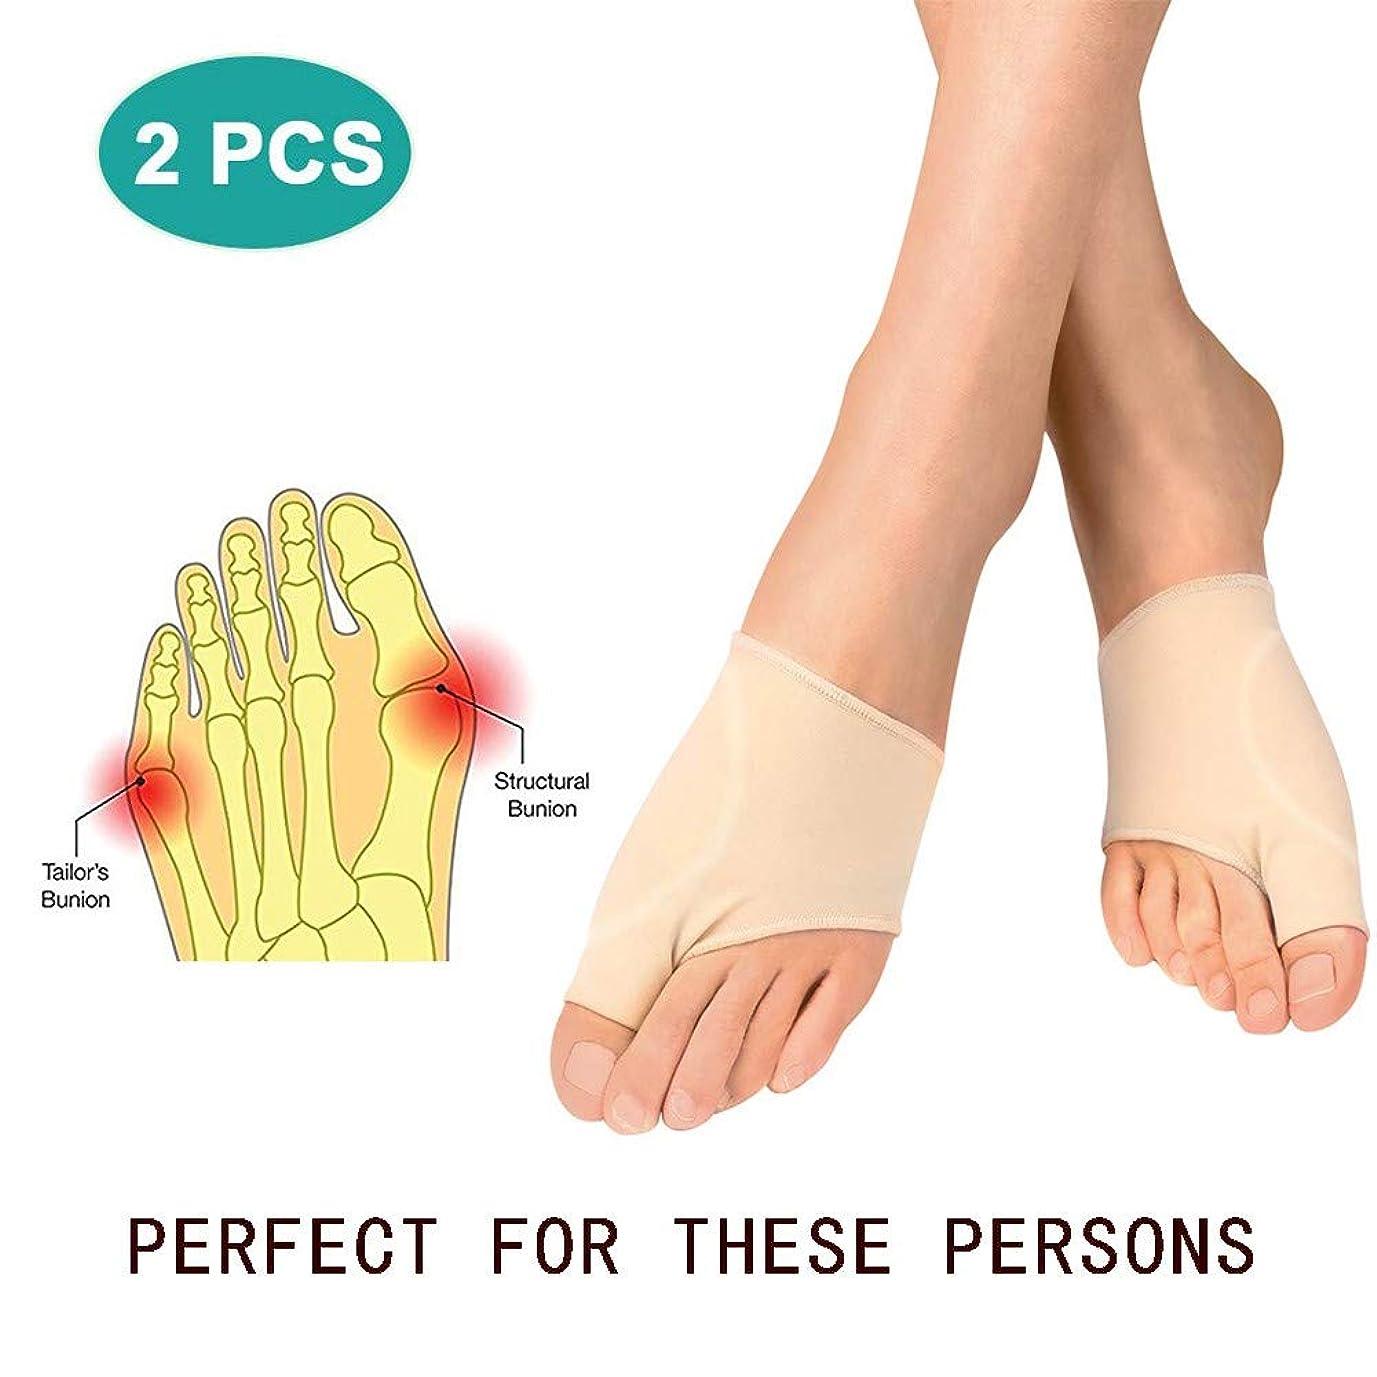 船形子供時代高度な1ペア腱膜瘤矯正足の親指矯正腱膜瘤クッションクッションビルトインシリコンジェルパッド内反母Val痛み緩和日中と夜間用(アプリコットカラー)